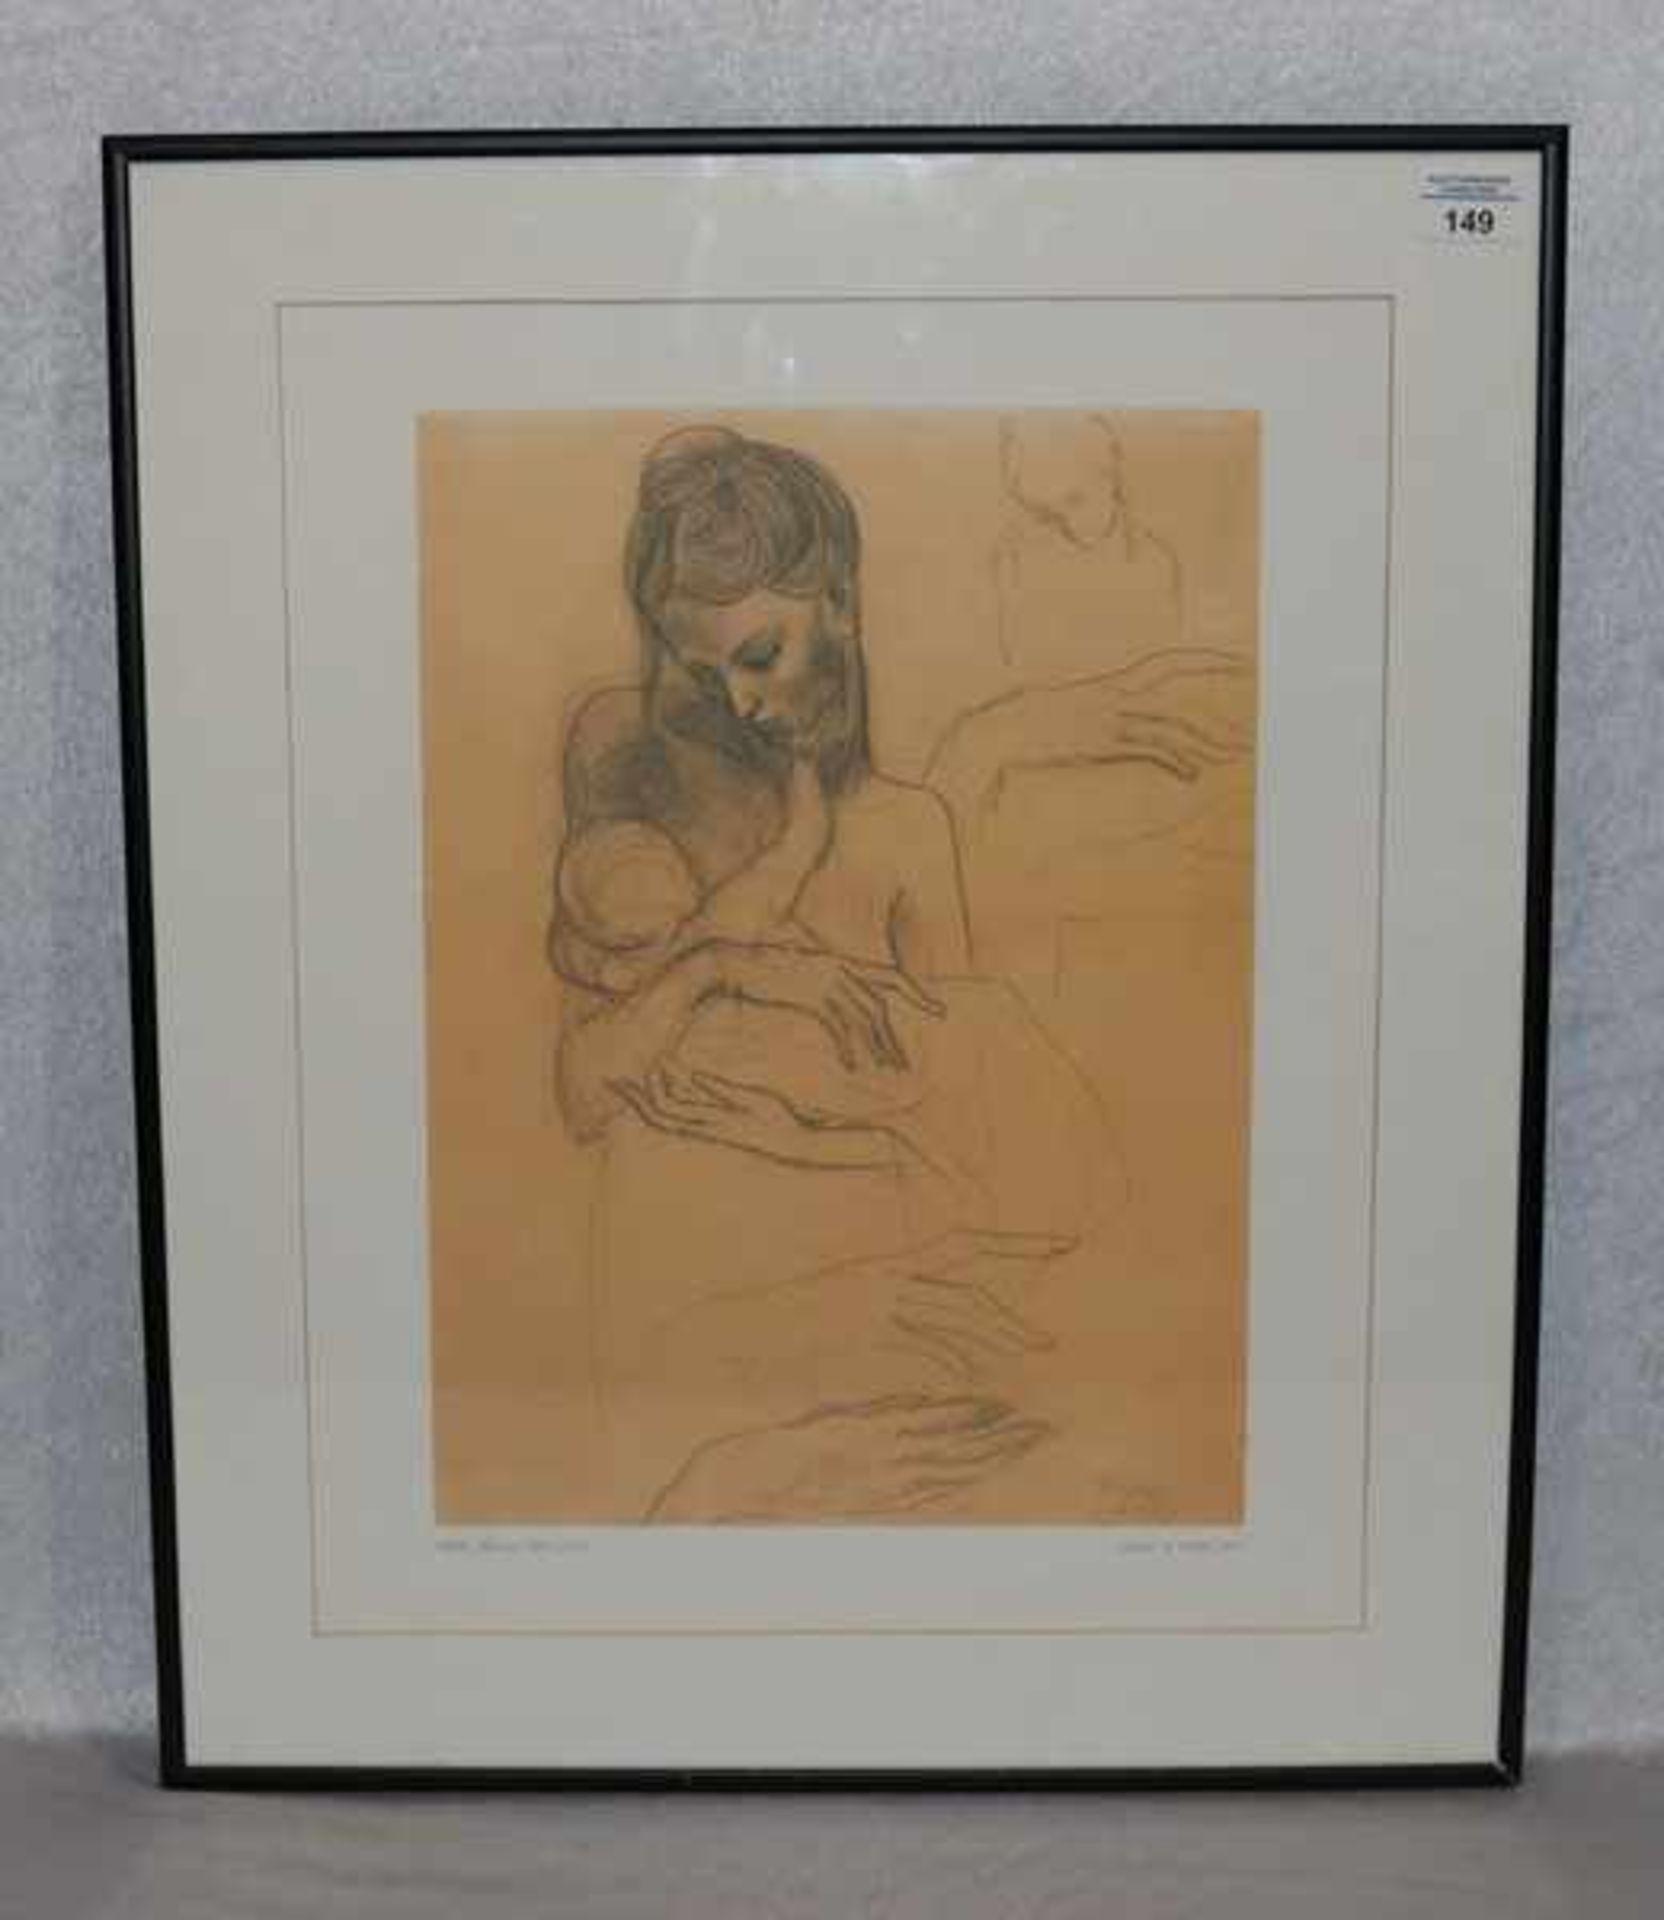 Los 149 - Druck 'Mutter und Kind', nach Picasso, mit Passepartout unter Glas gerahmt, incl. Rahmen 62 cm x